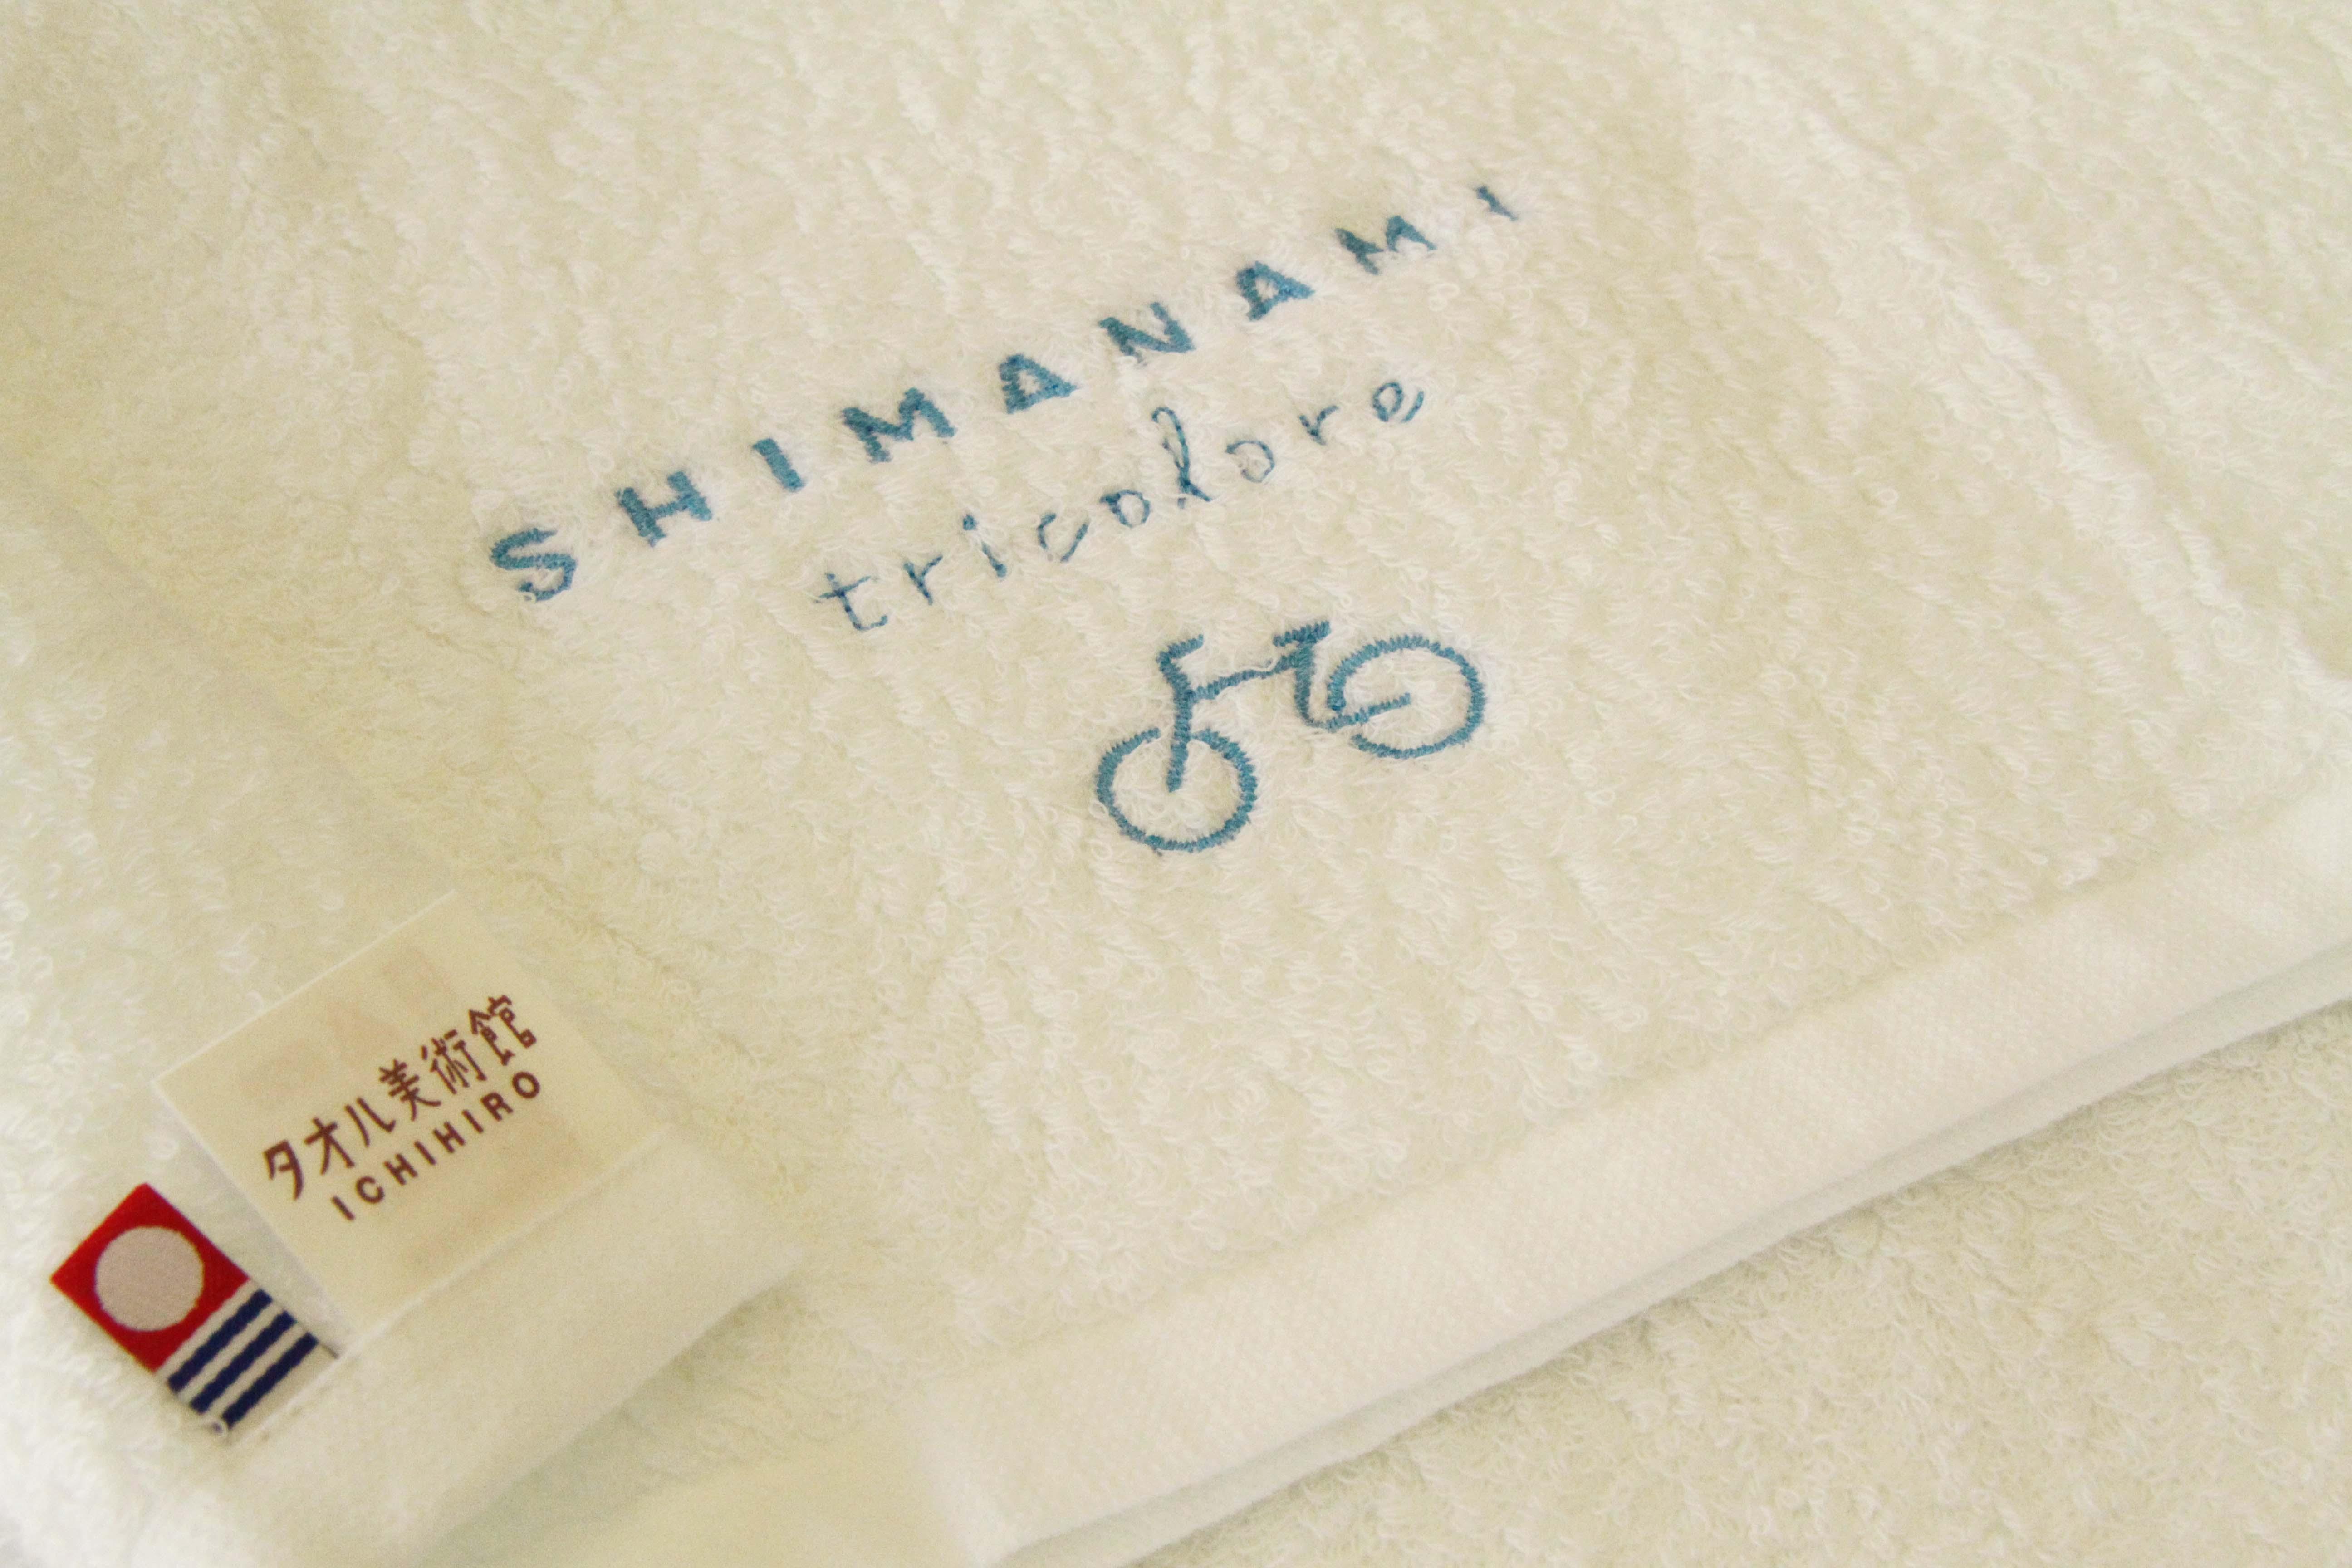 しまなみ海道のサイクリングコース・ブルーラインをモチーフに新ブランド「しまなみトリコロール」のコットンタオルを販売開始